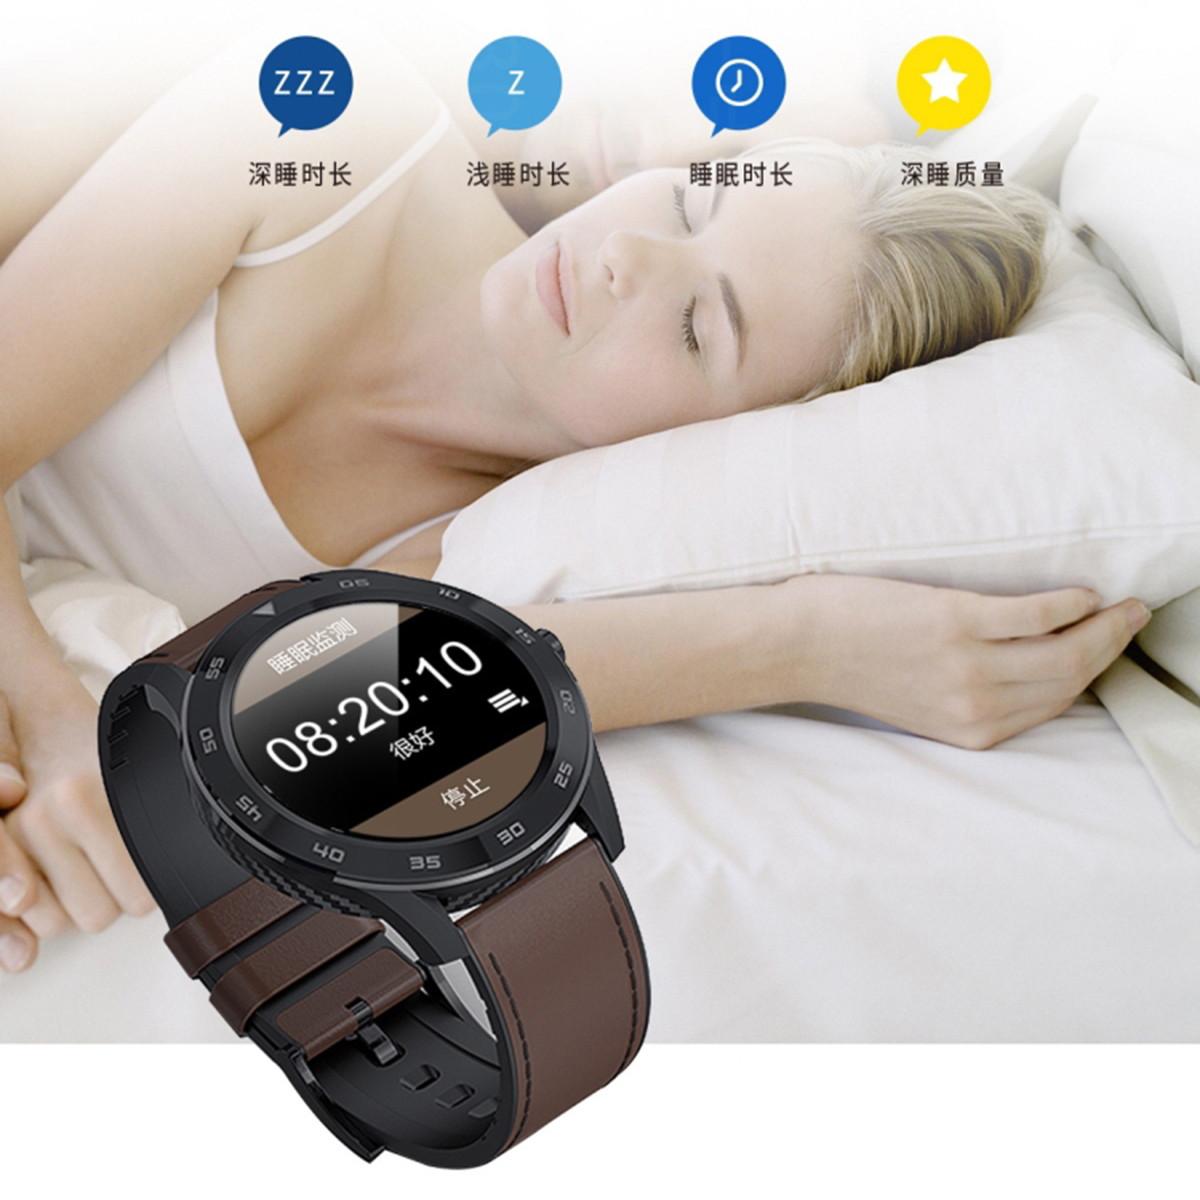 鲁米诺斯商务时尚智能手表蓝牙通话心电血压监测离线支付智能运动手环COLOR银壳棕皮